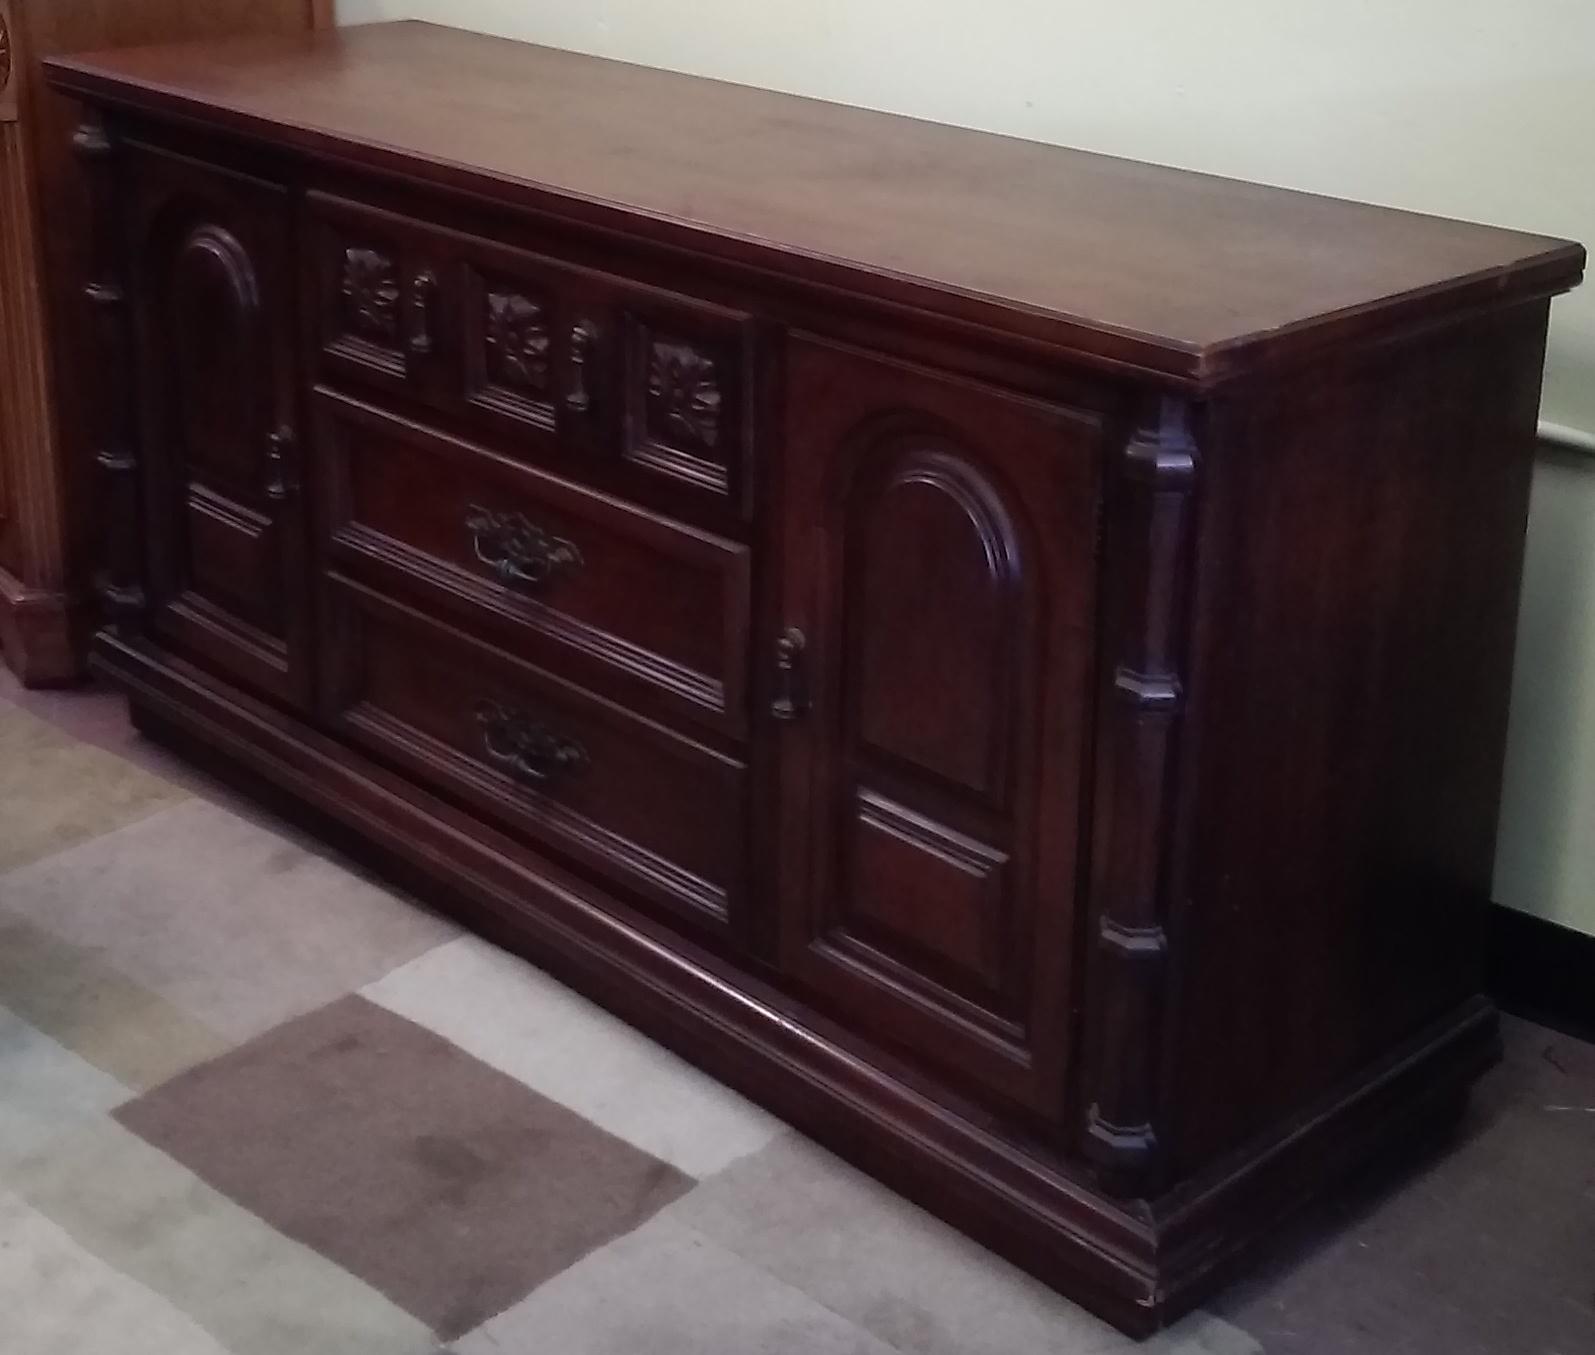 uhuru furniture collectibles sold 352 63. Black Bedroom Furniture Sets. Home Design Ideas